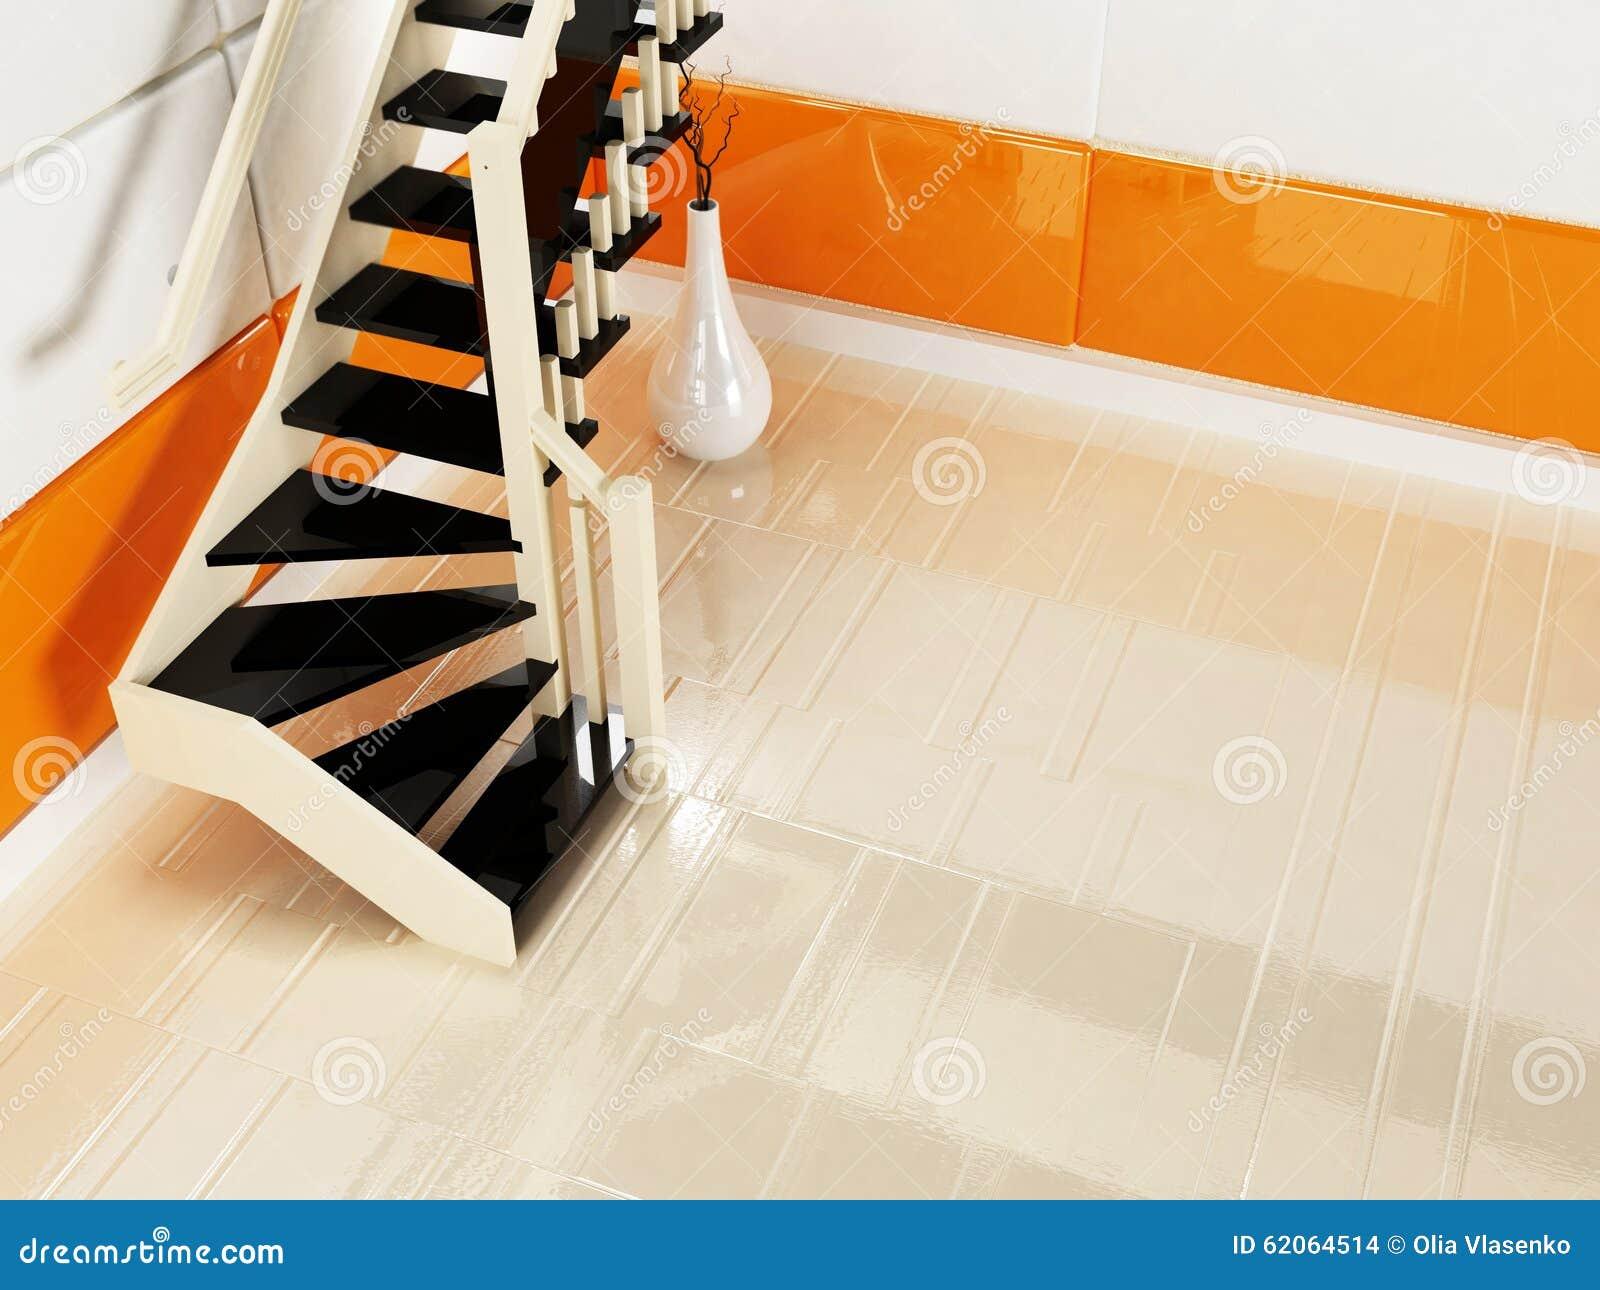 Escaliers noirs et blancs dans la salle vide illustration for Escalier dans le vide